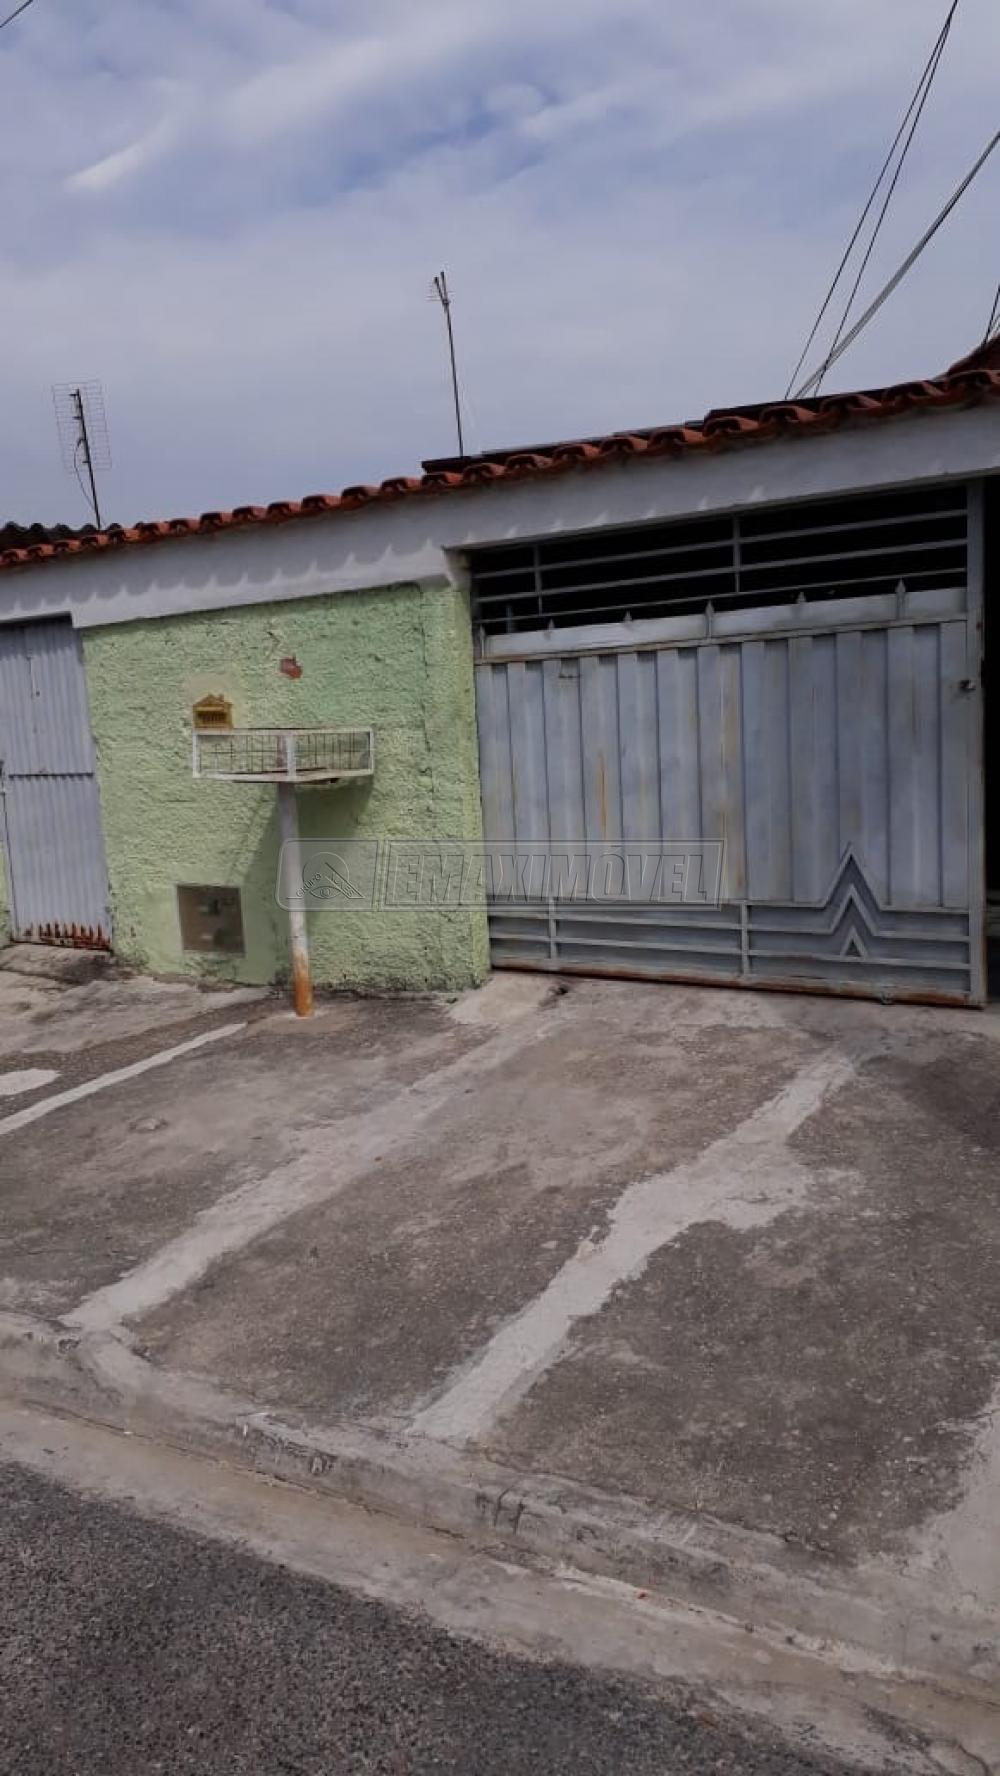 Comprar Casas / em Bairros em Votorantim apenas R$ 200.000,00 - Foto 1